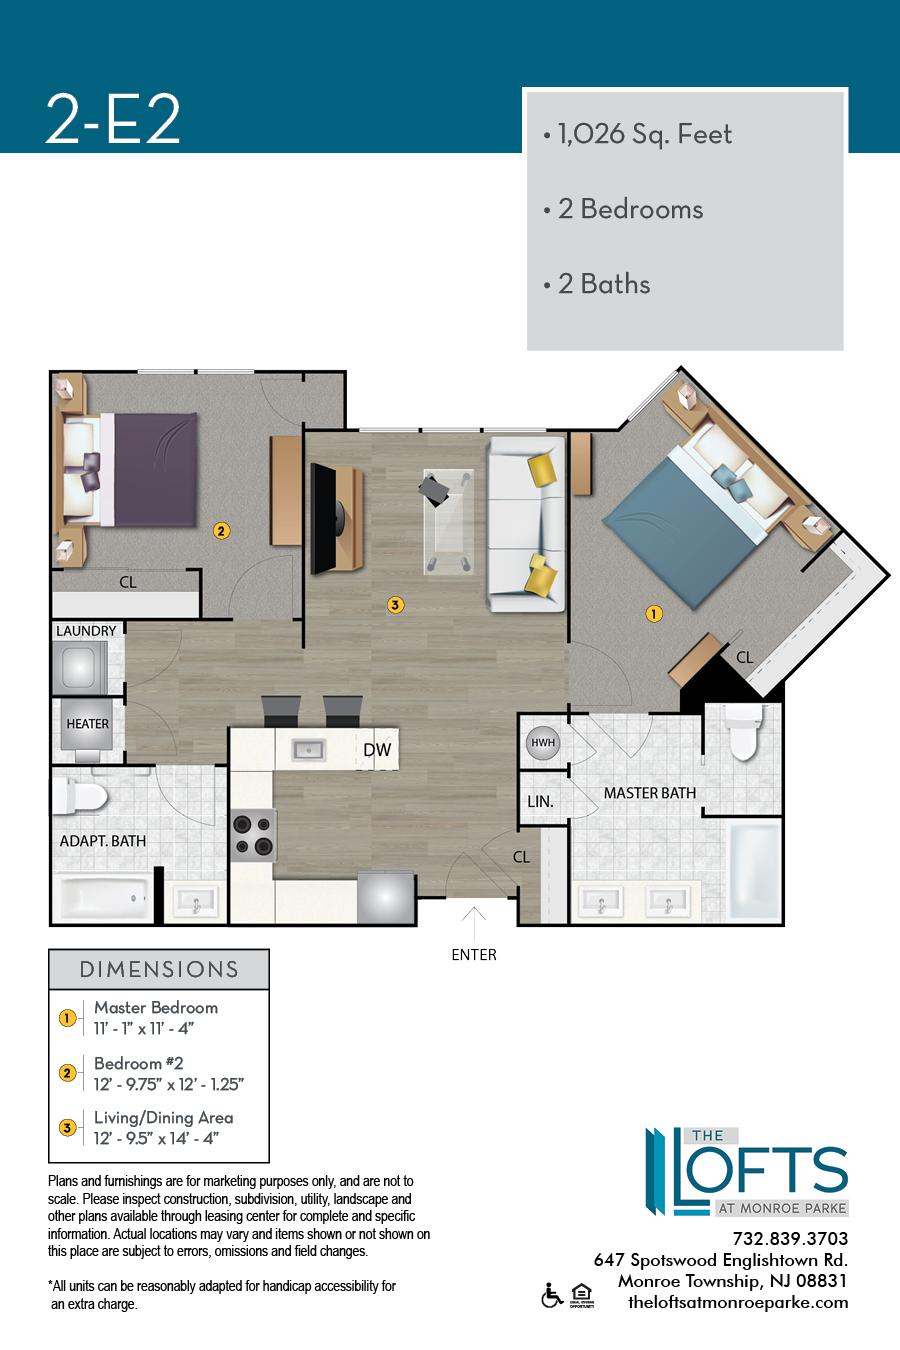 2-E2 Floor Plan